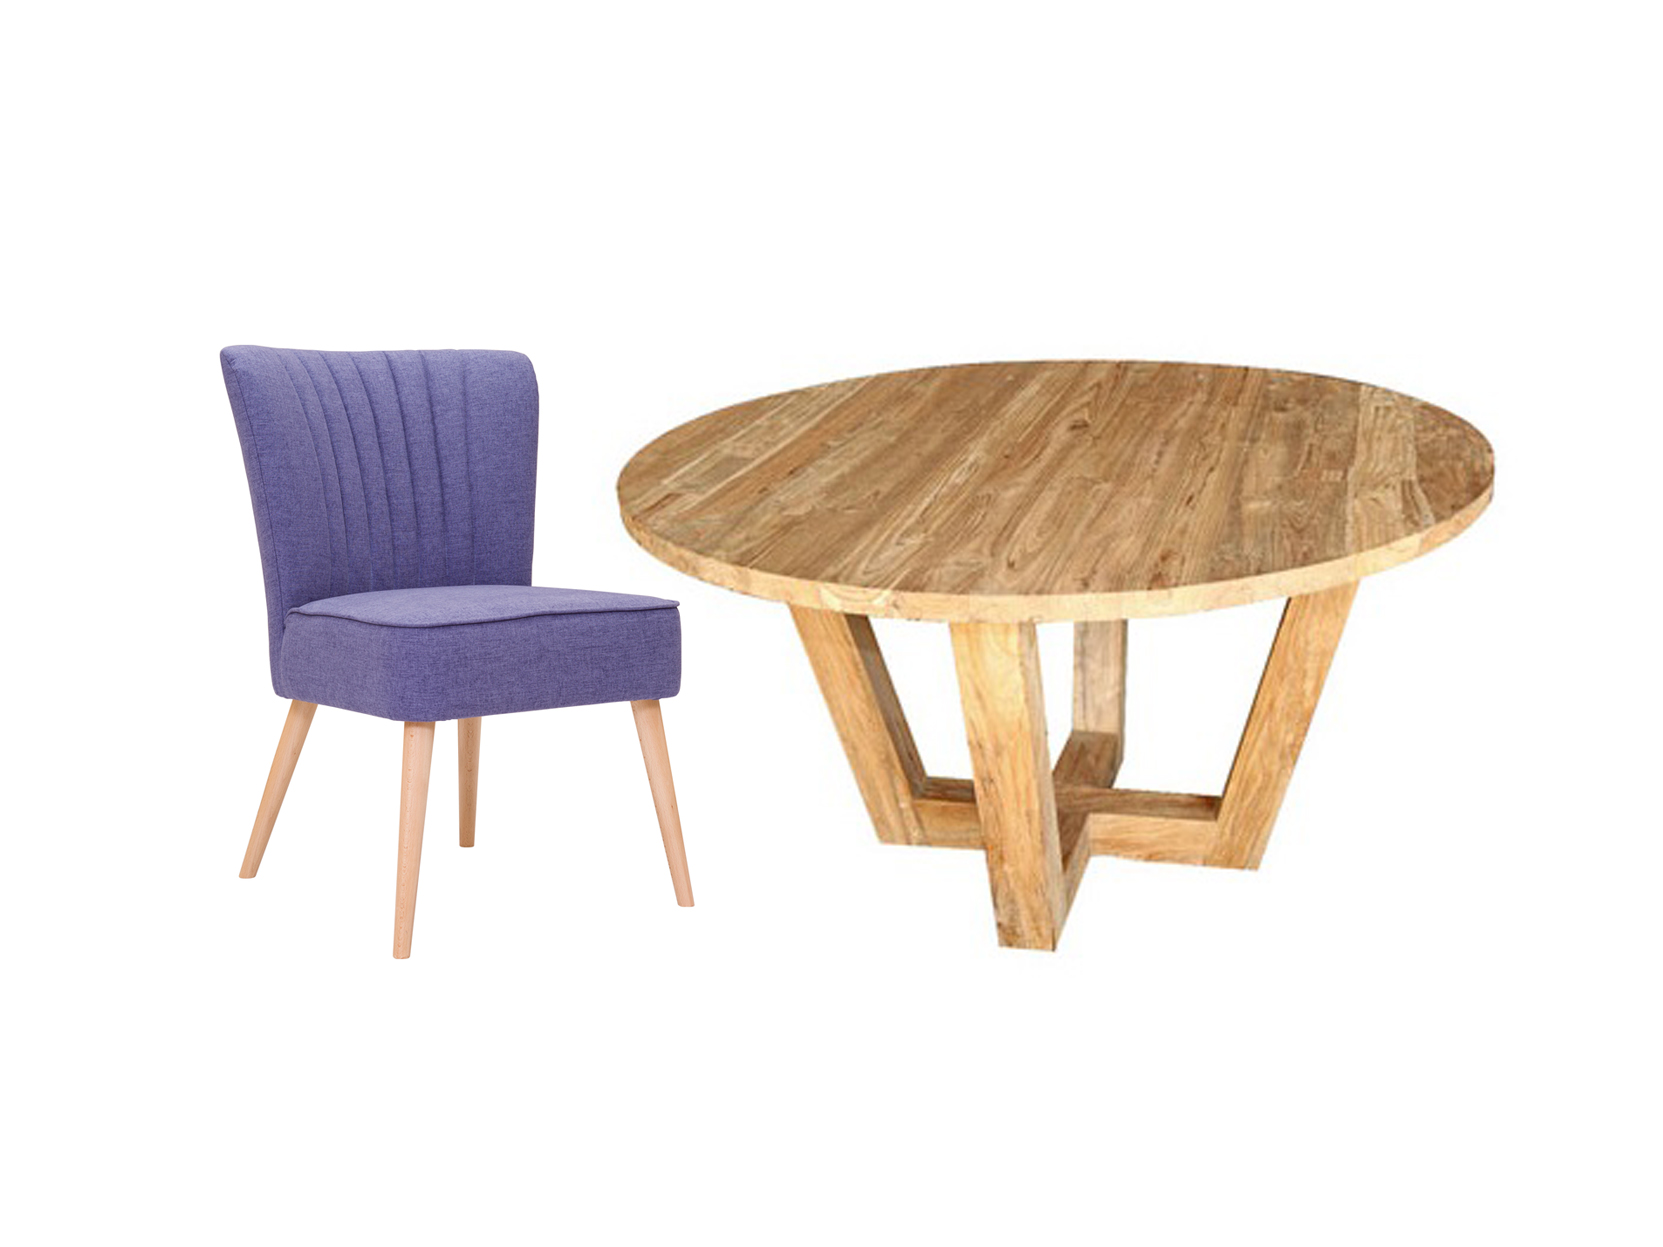 Обеденная группа DONA (стол + 4 стула)Комплекты для столовой<br>&amp;lt;div&amp;gt;&amp;lt;span style=&amp;quot;font-size: 14px;&amp;quot;&amp;gt;ROOMERS – это особенная коллекция, воплощение всего самого лучшего, модного и новаторского в мире дизайнерской мебели, предметов декора и стильных аксессуаров. Роскошный стол&amp;amp;nbsp;&amp;lt;/span&amp;gt;&amp;quot;DONA&amp;quot; является прекрасным представителем этого бренда. А в комплекте с о&amp;lt;span style=&amp;quot;font-size: 14px;&amp;quot;&amp;gt;ригинальным стулом &amp;quot;Uppsala&amp;quot; несомненно станет украшением помещения и прекрасно впишется в любой интерьер. Удобная спинка стула станет подспорьем в длительных переговорах, дружеских посиделках и застольях.&amp;lt;/span&amp;gt;&amp;lt;br&amp;gt;&amp;lt;/div&amp;gt;&amp;lt;div&amp;gt;&amp;lt;span style=&amp;quot;font-size: 14px;&amp;quot;&amp;gt;&amp;lt;br&amp;gt;&amp;lt;/span&amp;gt;&amp;lt;/div&amp;gt;&amp;lt;div&amp;gt;&amp;lt;div&amp;gt;Размеры стола : 110/76 см.&amp;lt;/div&amp;gt;&amp;lt;div&amp;gt;&amp;lt;span style=&amp;quot;font-size: 14px;&amp;quot;&amp;gt;Материал стола: тик.&amp;lt;/span&amp;gt;&amp;lt;br&amp;gt;&amp;lt;/div&amp;gt;&amp;lt;div&amp;gt;Размеры стула: 57/86/55 см.&amp;lt;/div&amp;gt;&amp;lt;/div&amp;gt;&amp;lt;div&amp;gt;&amp;lt;span style=&amp;quot;font-size: 14px;&amp;quot;&amp;gt;Высота сиденья: &amp;amp;nbsp;47см.&amp;amp;nbsp;&amp;lt;/span&amp;gt;&amp;lt;br&amp;gt;&amp;lt;/div&amp;gt;&amp;lt;div&amp;gt;&amp;lt;div style=&amp;quot;font-size: 14px;&amp;quot;&amp;gt;Материал ножек стула: бук, обивка: текстиль.&amp;amp;nbsp;&amp;lt;/div&amp;gt;&amp;lt;div style=&amp;quot;font-size: 14px;&amp;quot;&amp;gt;&amp;lt;br&amp;gt;&amp;lt;/div&amp;gt;&amp;lt;div style=&amp;quot;font-size: 14px;&amp;quot;&amp;gt;&amp;lt;span style=&amp;quot;font-size: 14px;&amp;quot;&amp;gt;&amp;lt;br&amp;gt;&amp;lt;/span&amp;gt;&amp;lt;/div&amp;gt;&amp;lt;div style=&amp;quot;font-size: 14px;&amp;quot;&amp;gt;&amp;lt;br&amp;gt;&amp;lt;/div&amp;gt;&amp